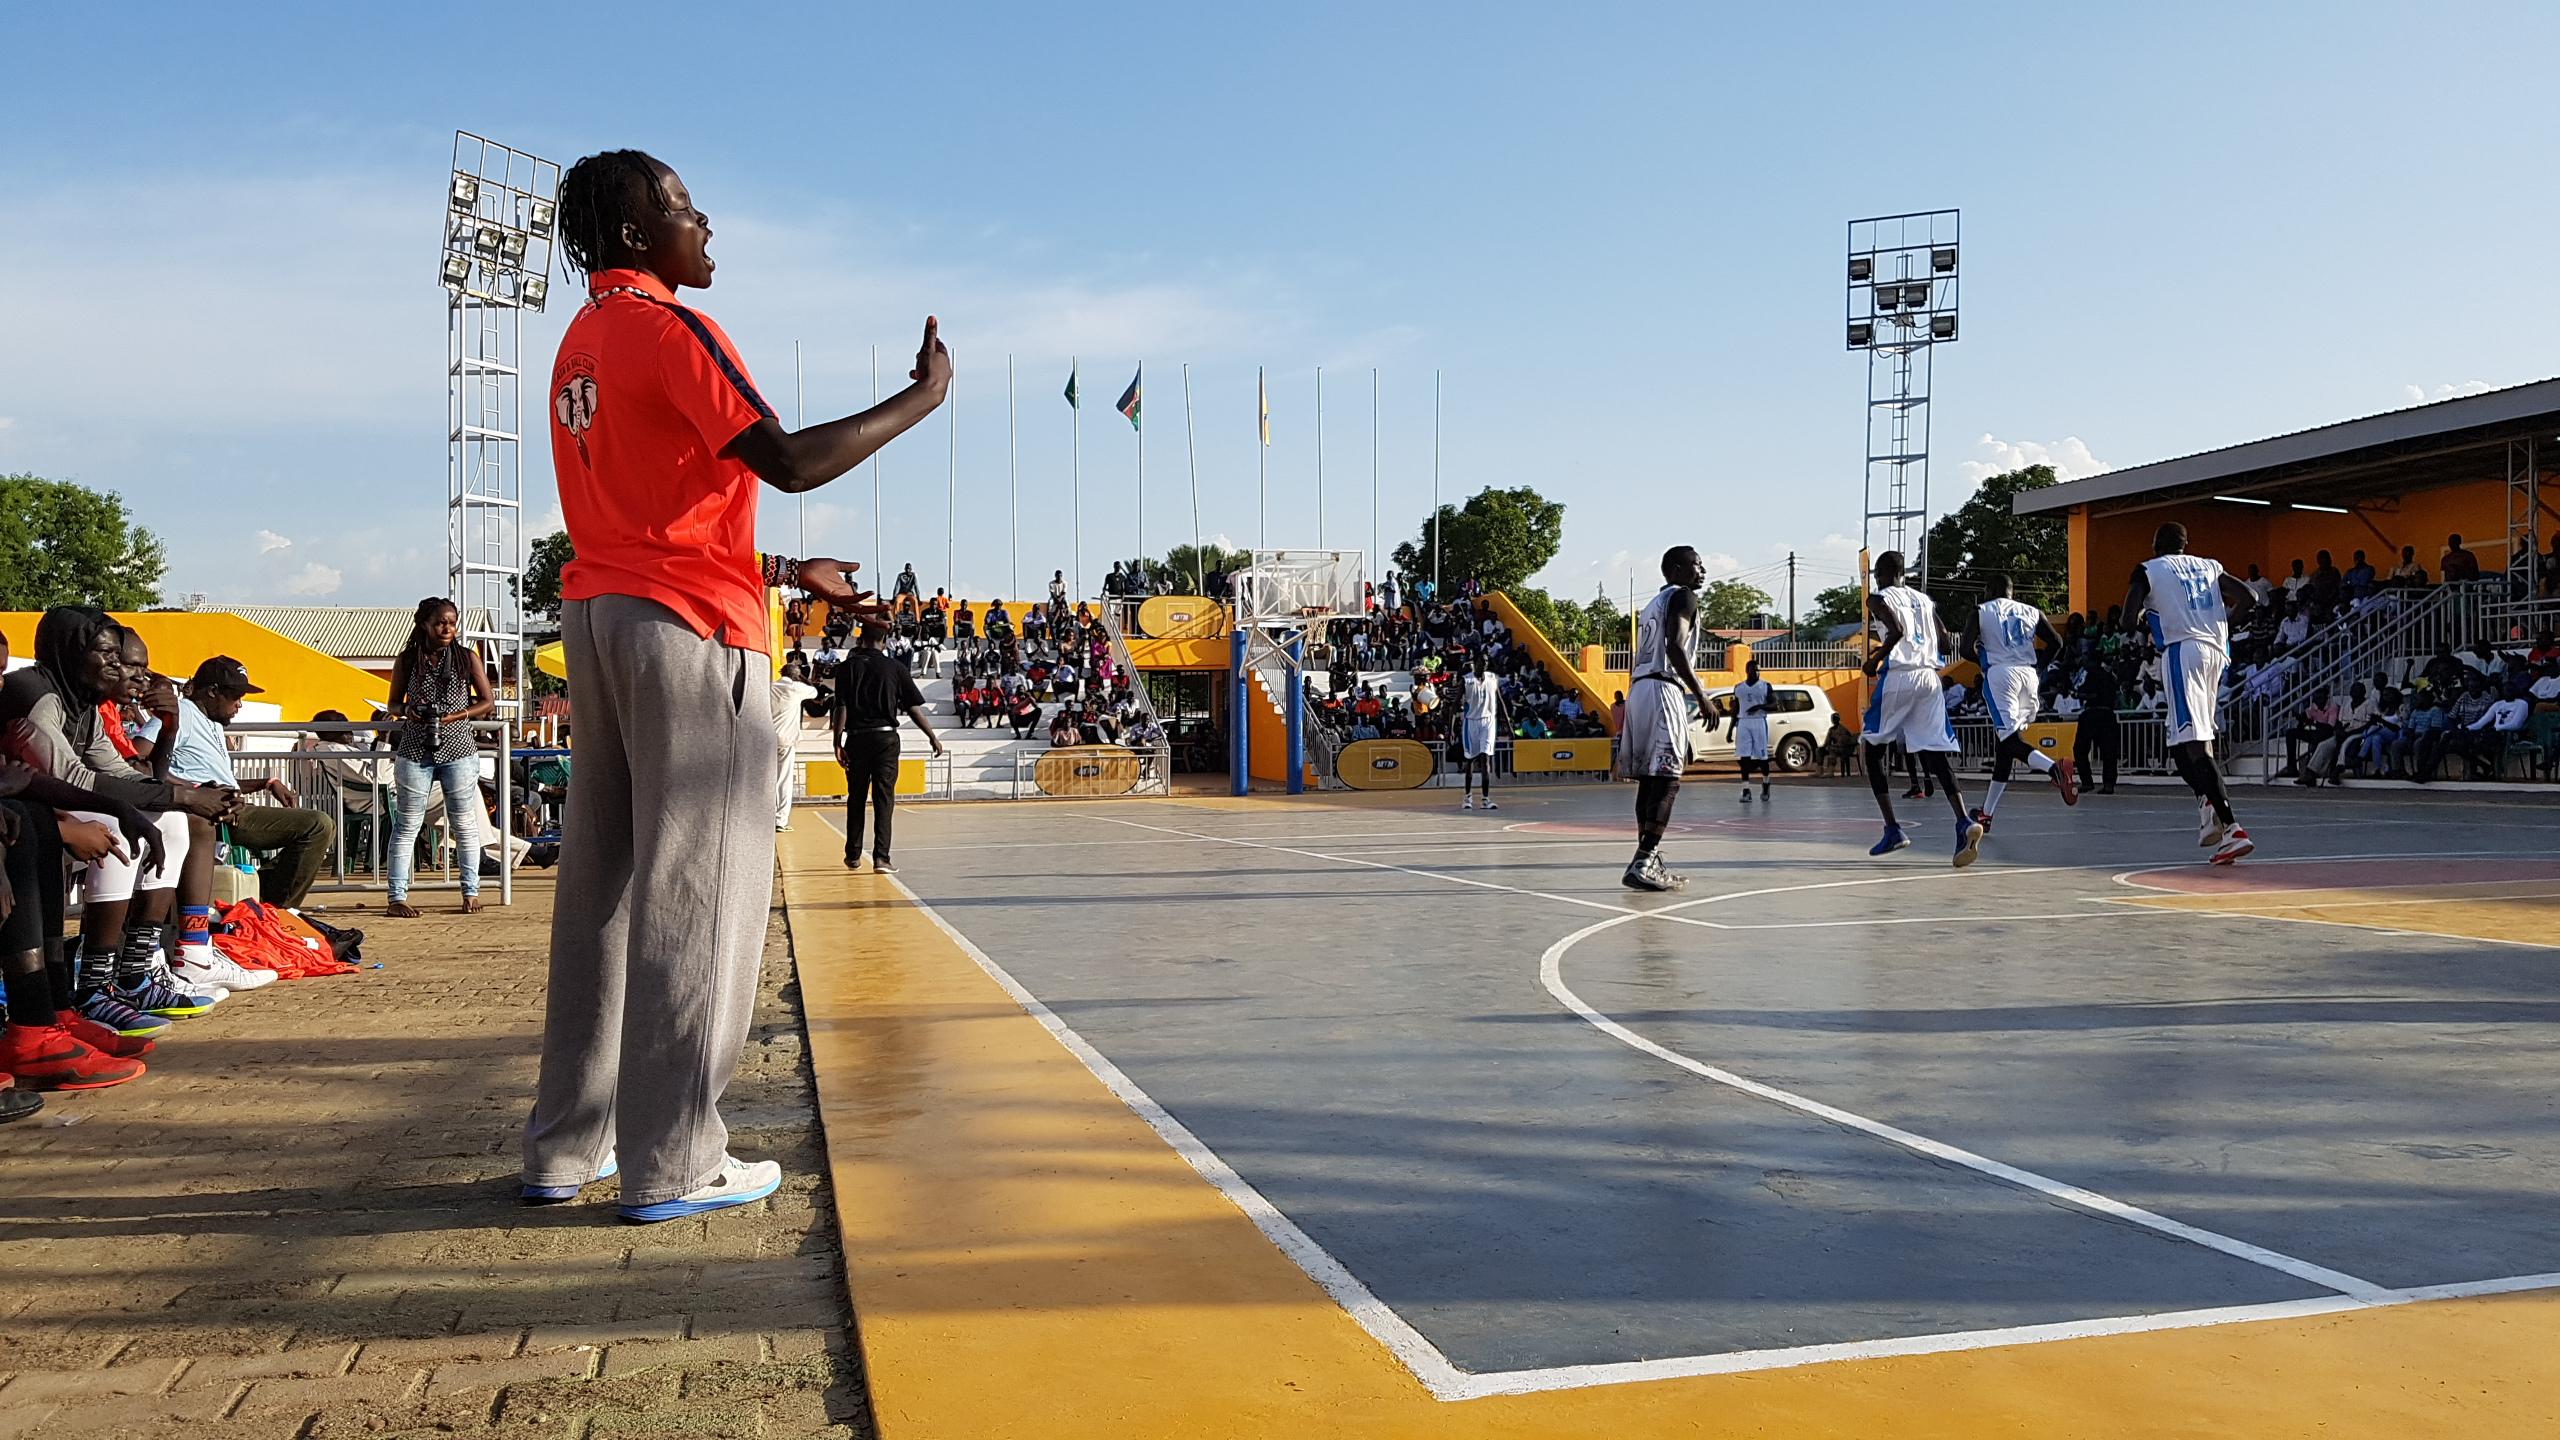 Susana ist Südsudans erste weibliche Basketballtrainerin. Hier feuert sie ihr Team während eines Halbfinales an.